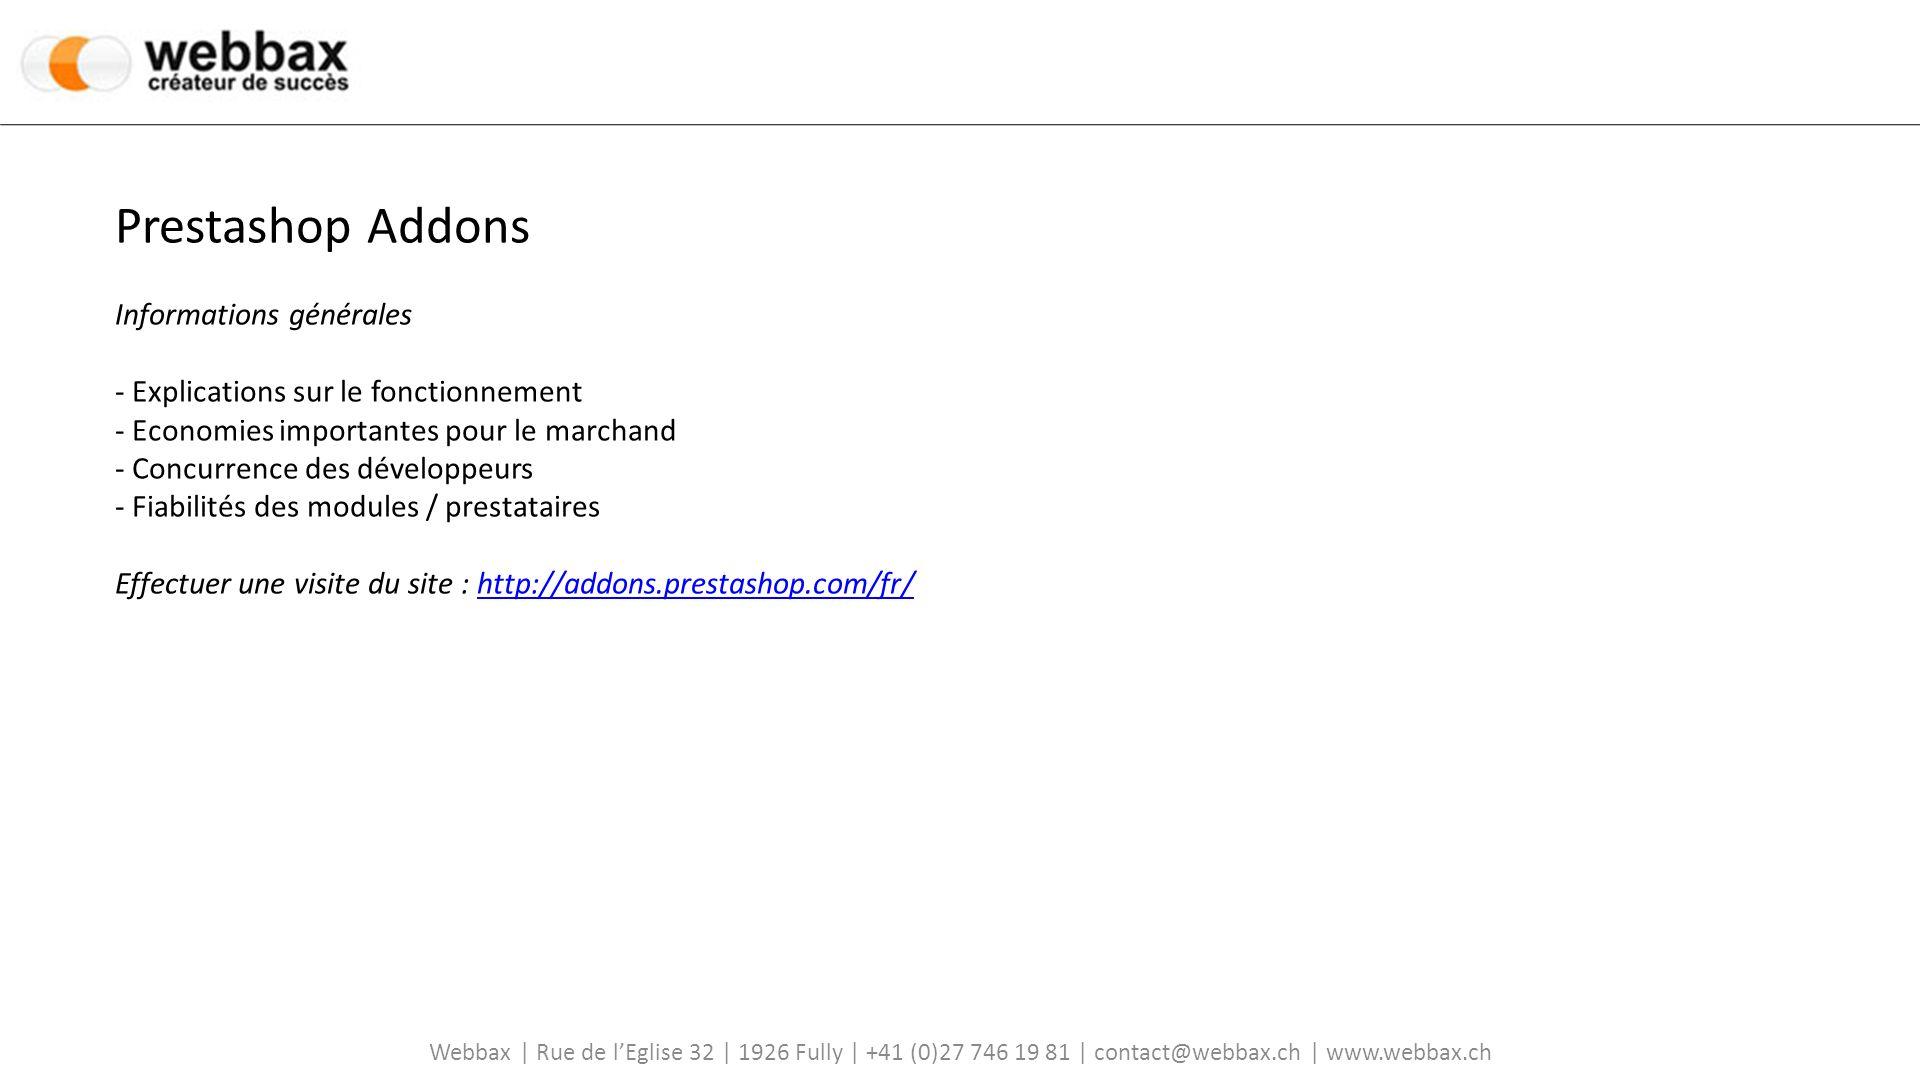 Prestashop Addons Informations générales - Explications sur le fonctionnement - Economies importantes pour le marchand